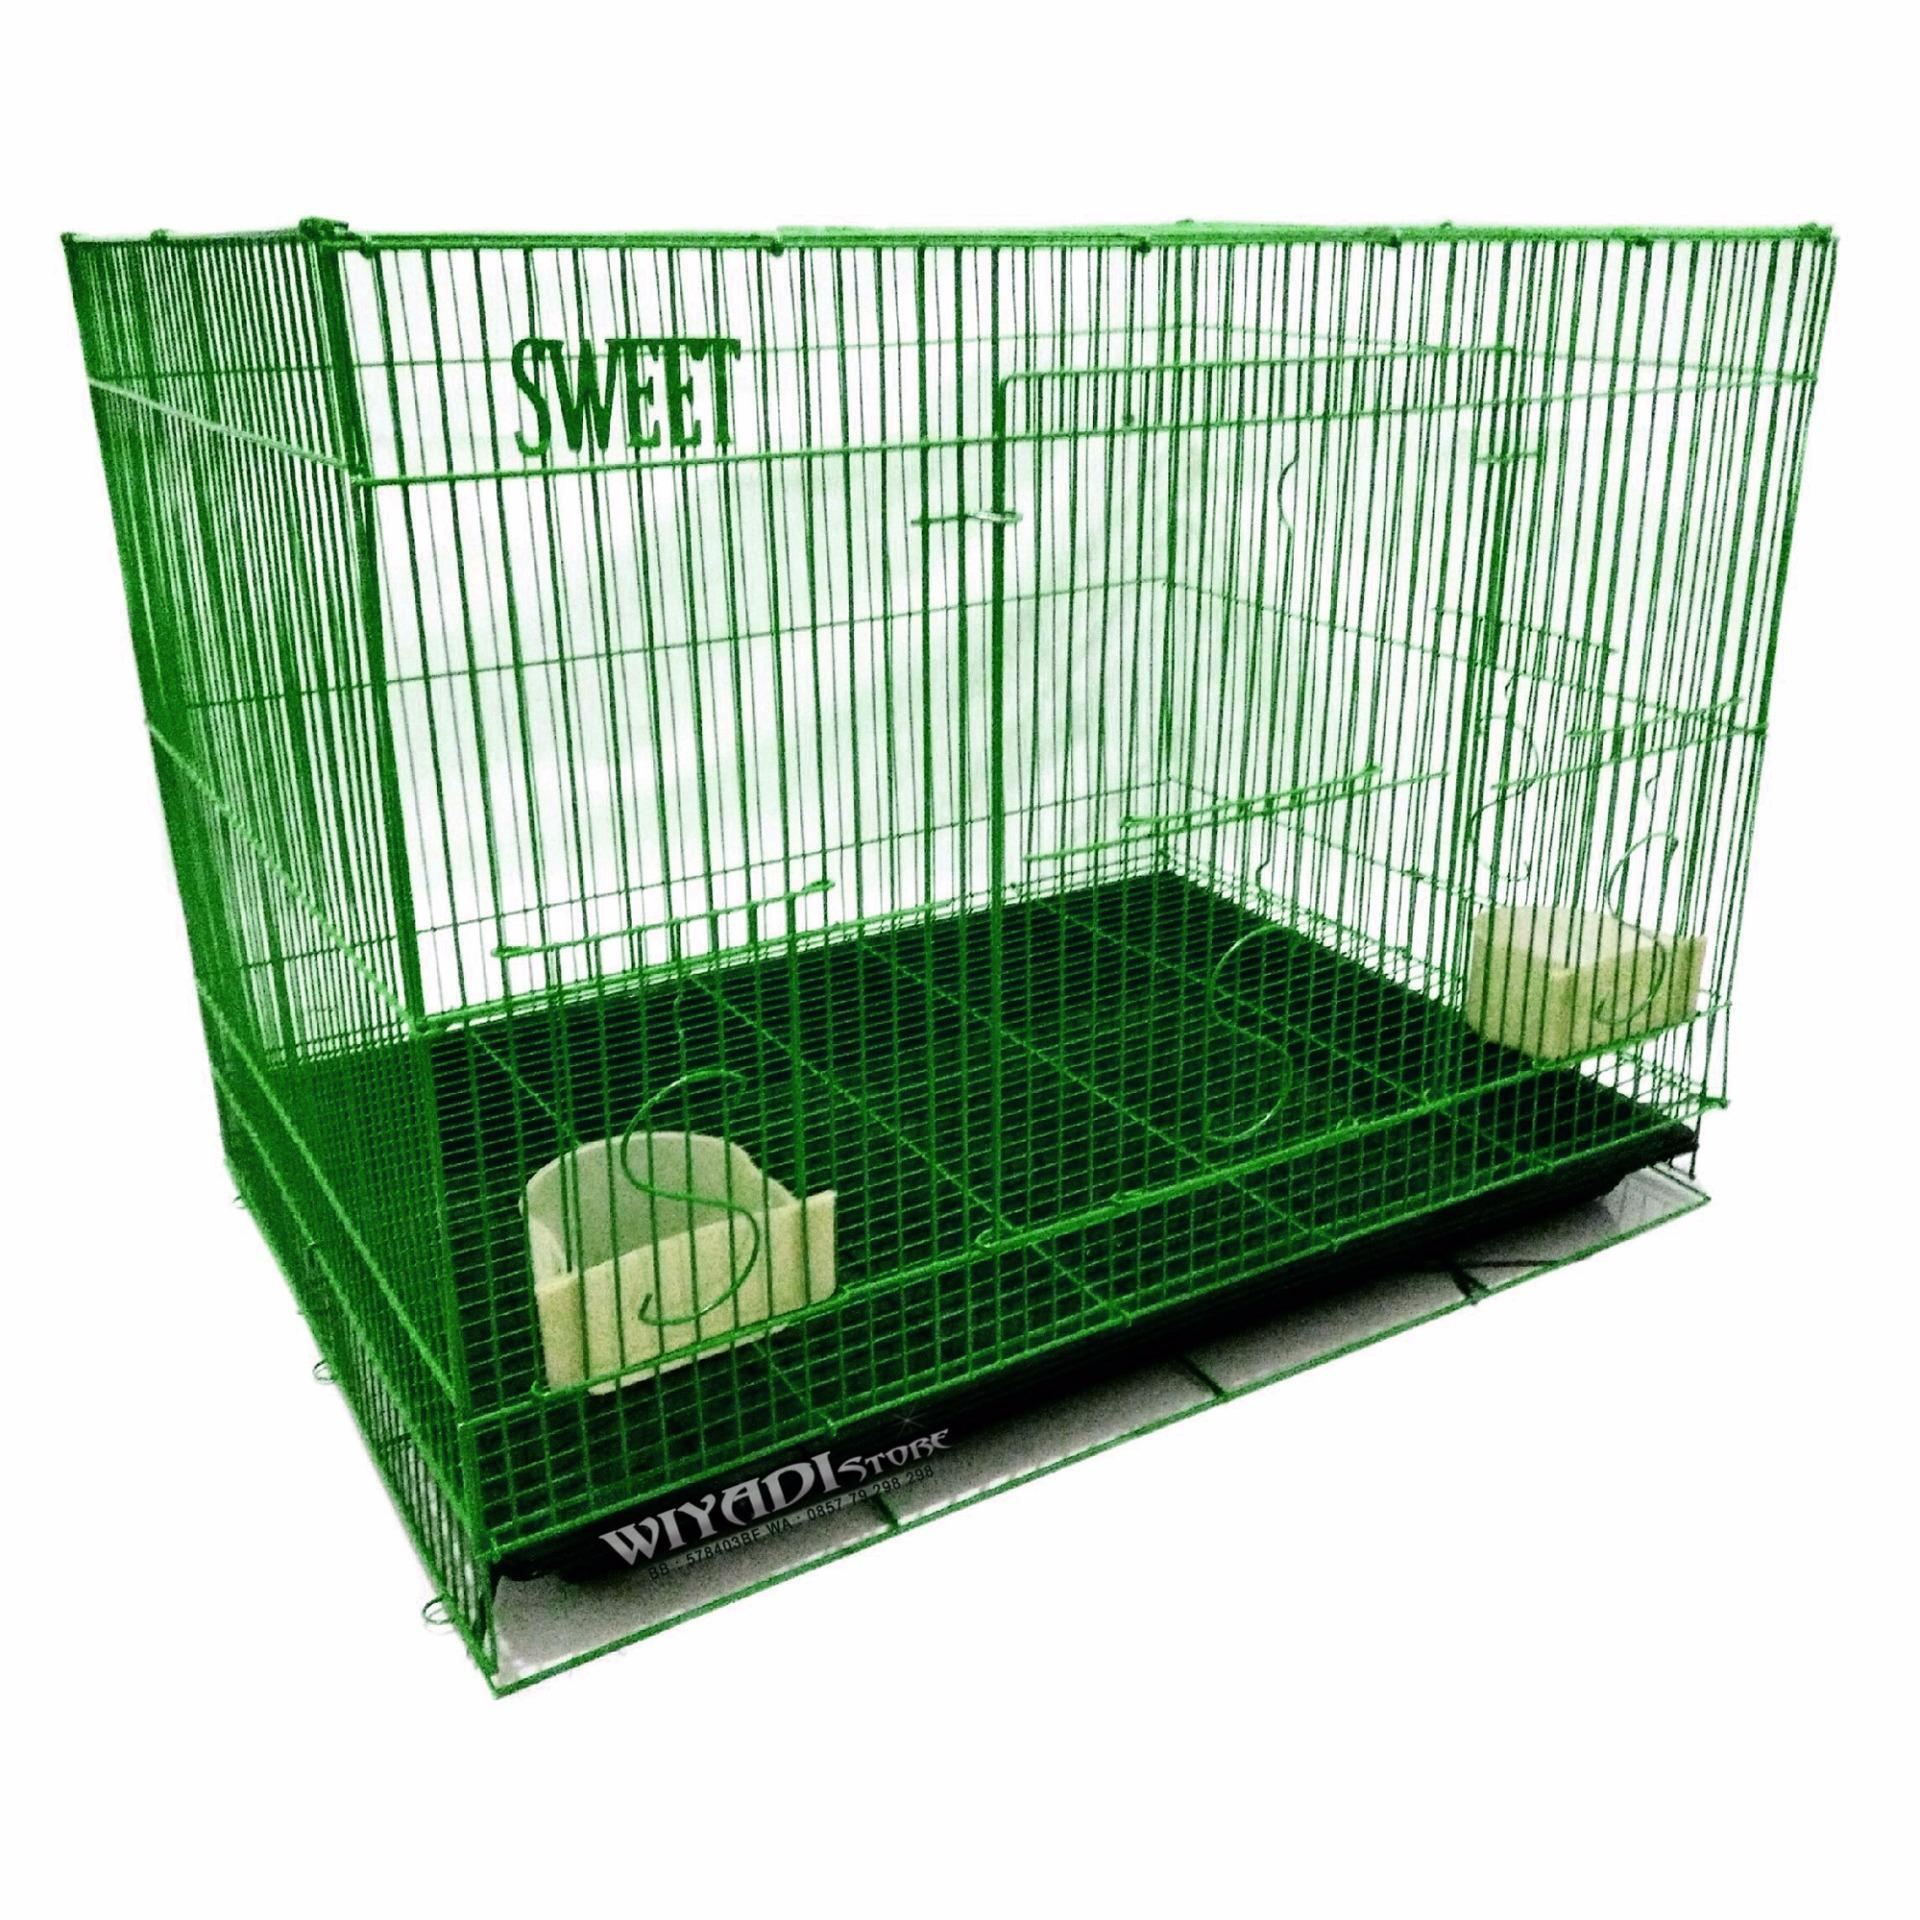 Pasir Kucing Zeolit 02 Re Pack 5ltr Daftar Harga Terlengkap Zeloit Repack Wiyadistore K12 Kandang Besi Lipat Besar 60p Green